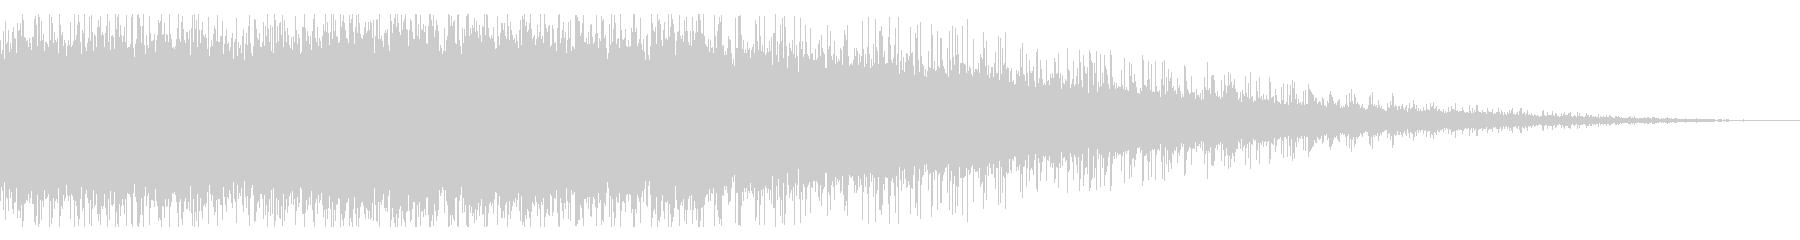 拍手の効果音(中規模/劇場/舞台)10の未再生の波形